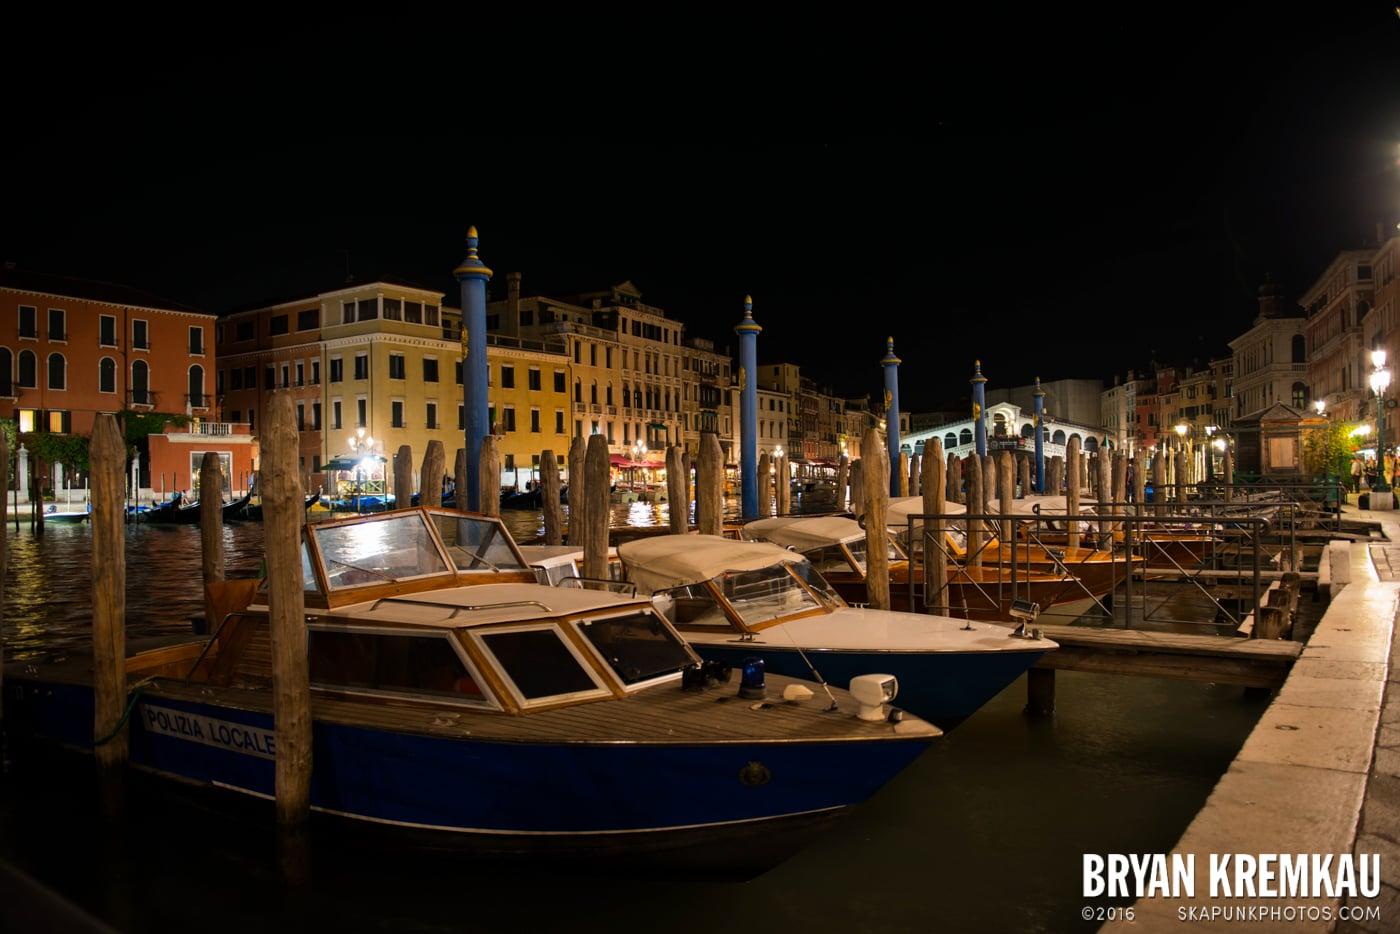 Italy Vacation - Day 5: Venice - 9.13.13 (3)